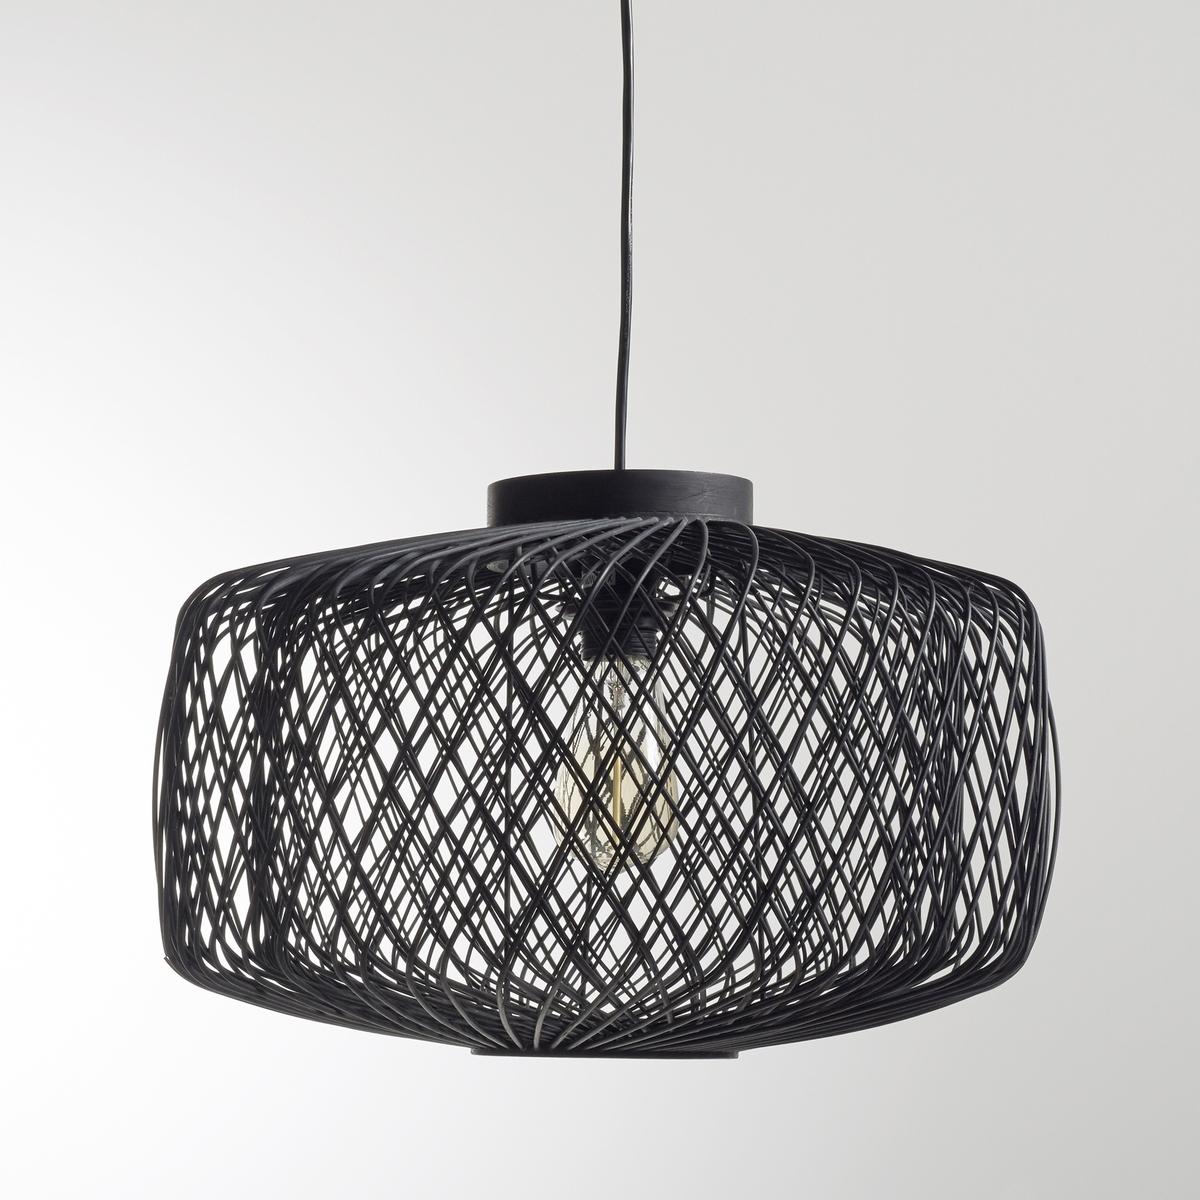 Светильник из ротанга, не электрифицированный, Yaku от La Redoute